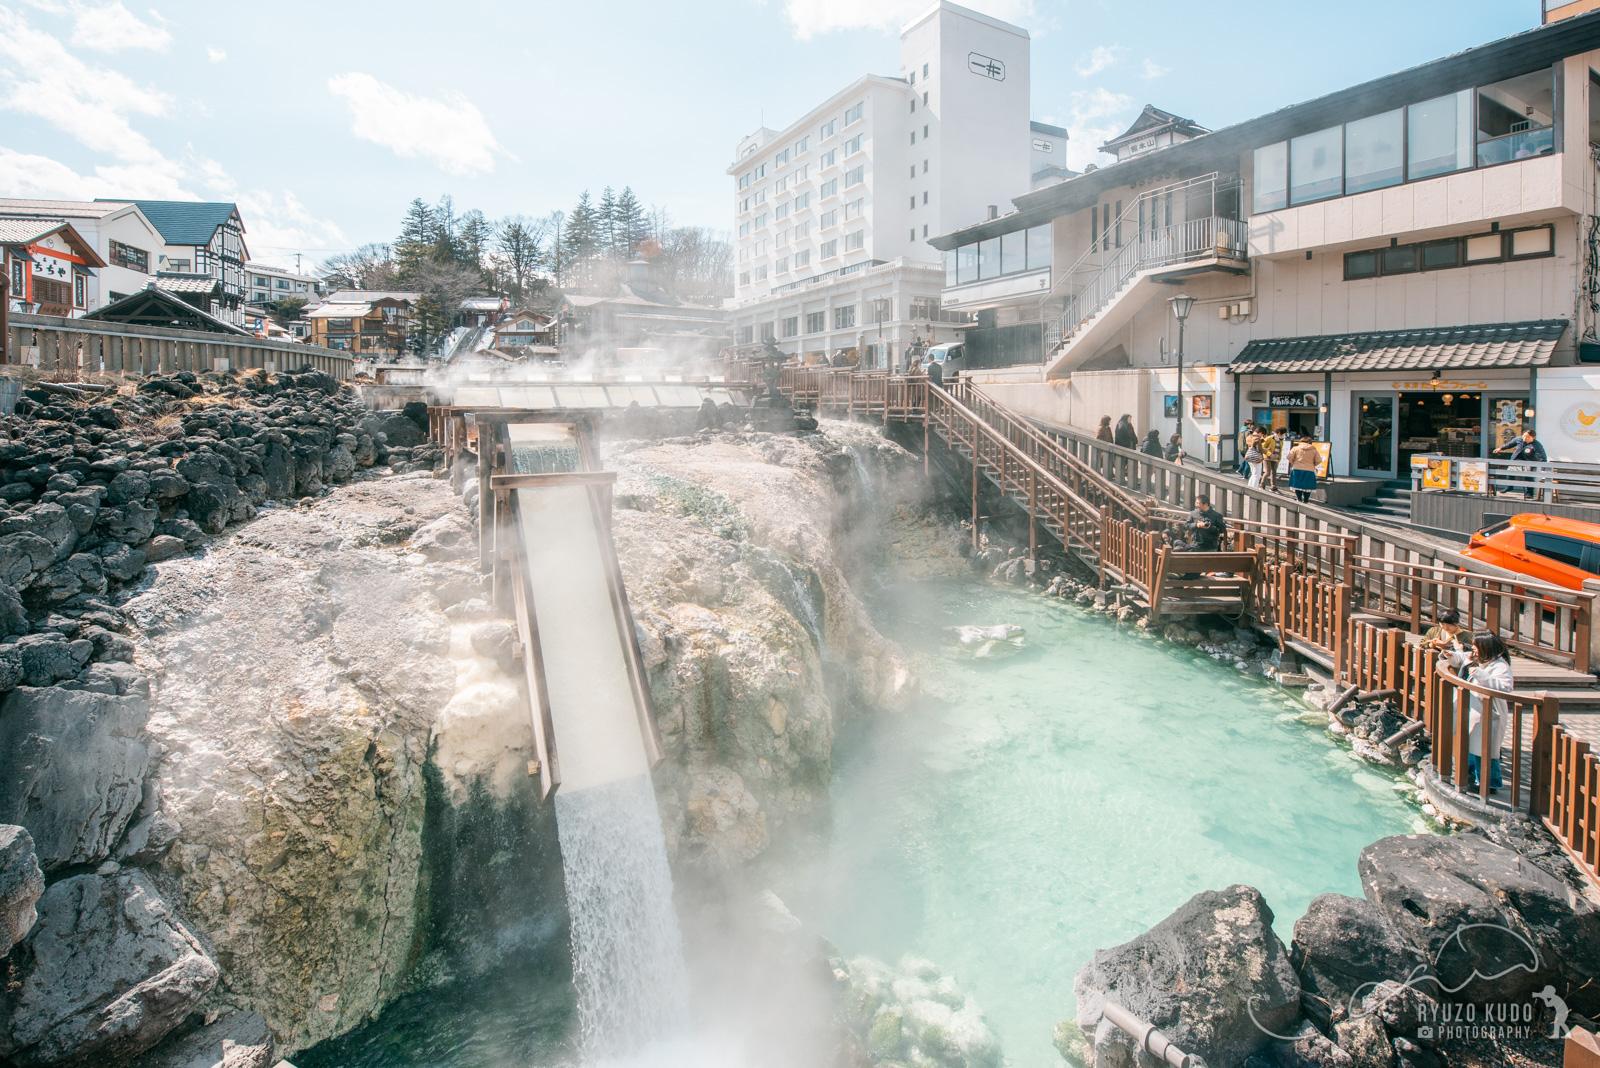 7年ぶり2度目の草津温泉。幻想的な湯畑を堪能してきました。